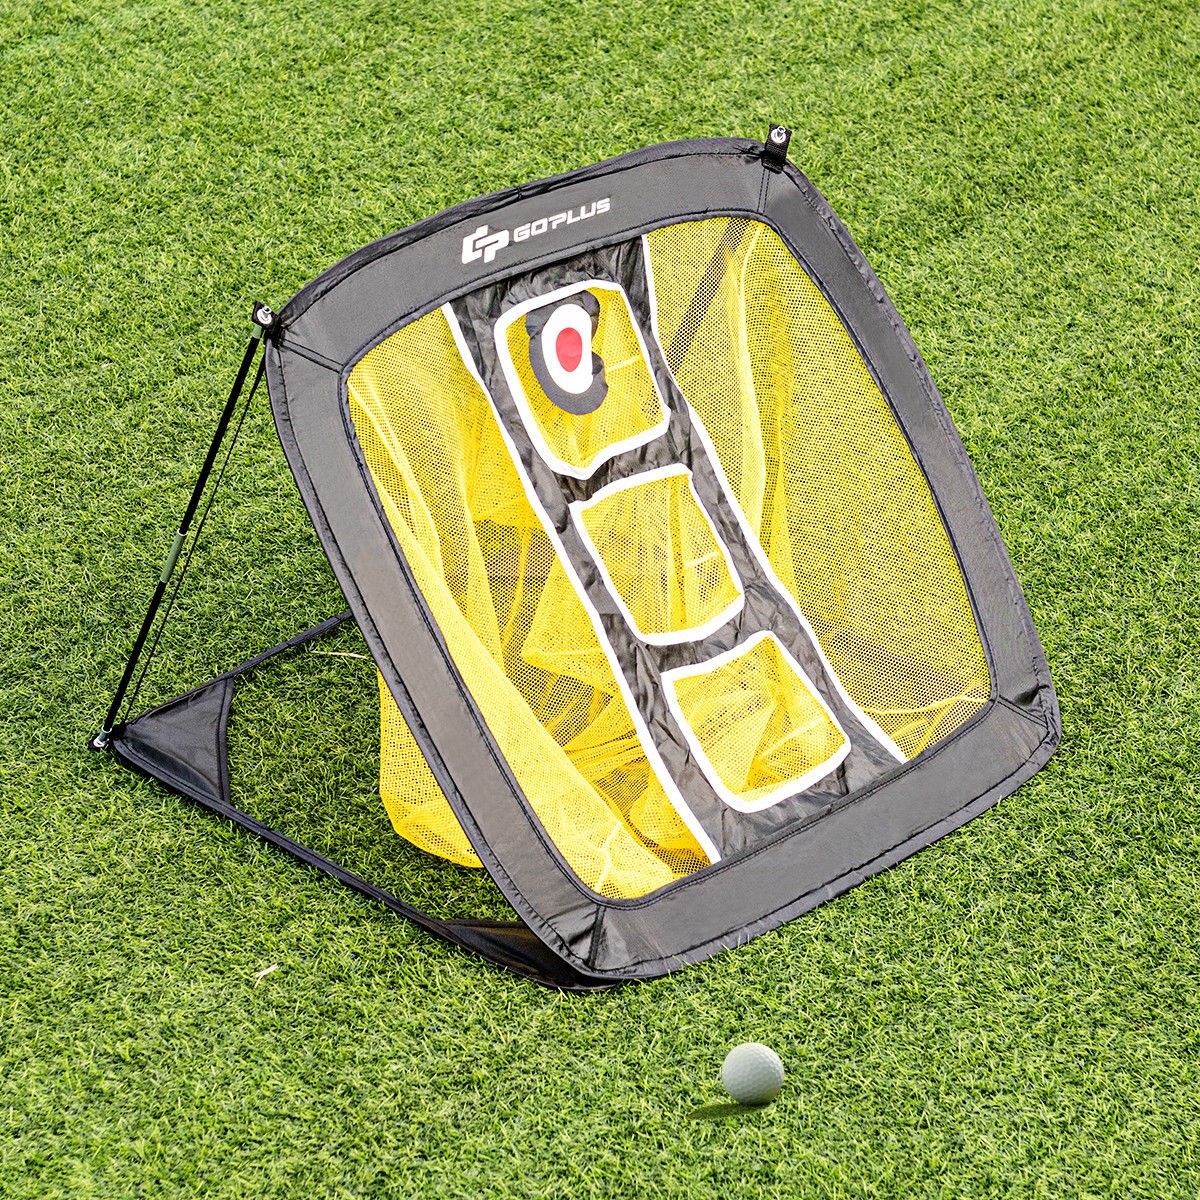 Indoor/Outdoor Pop Up Golf Chipping Net